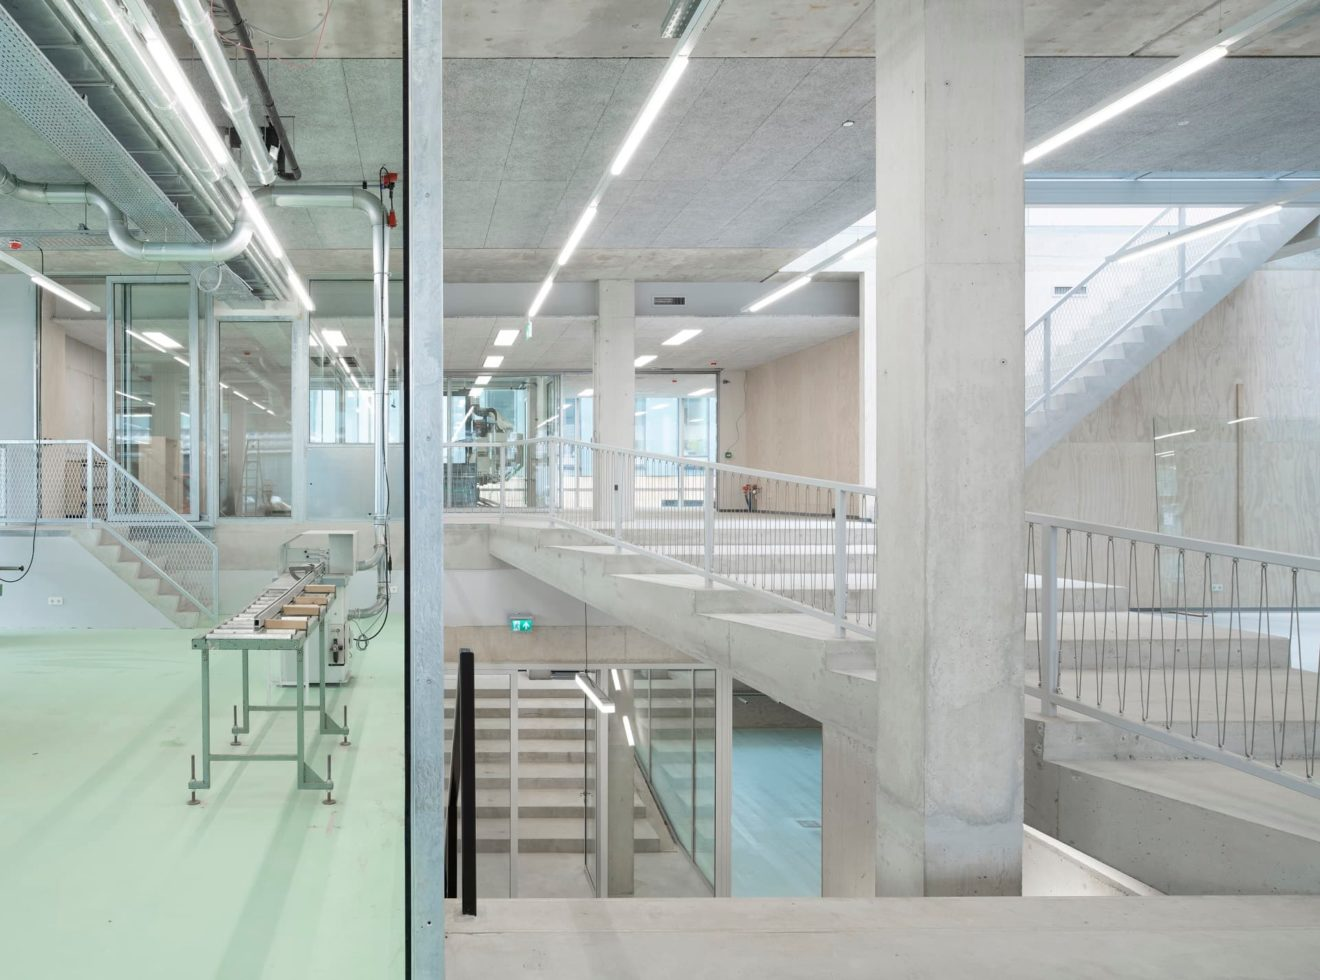 Eerste verdieping nieuwbouw Rietveldacademie